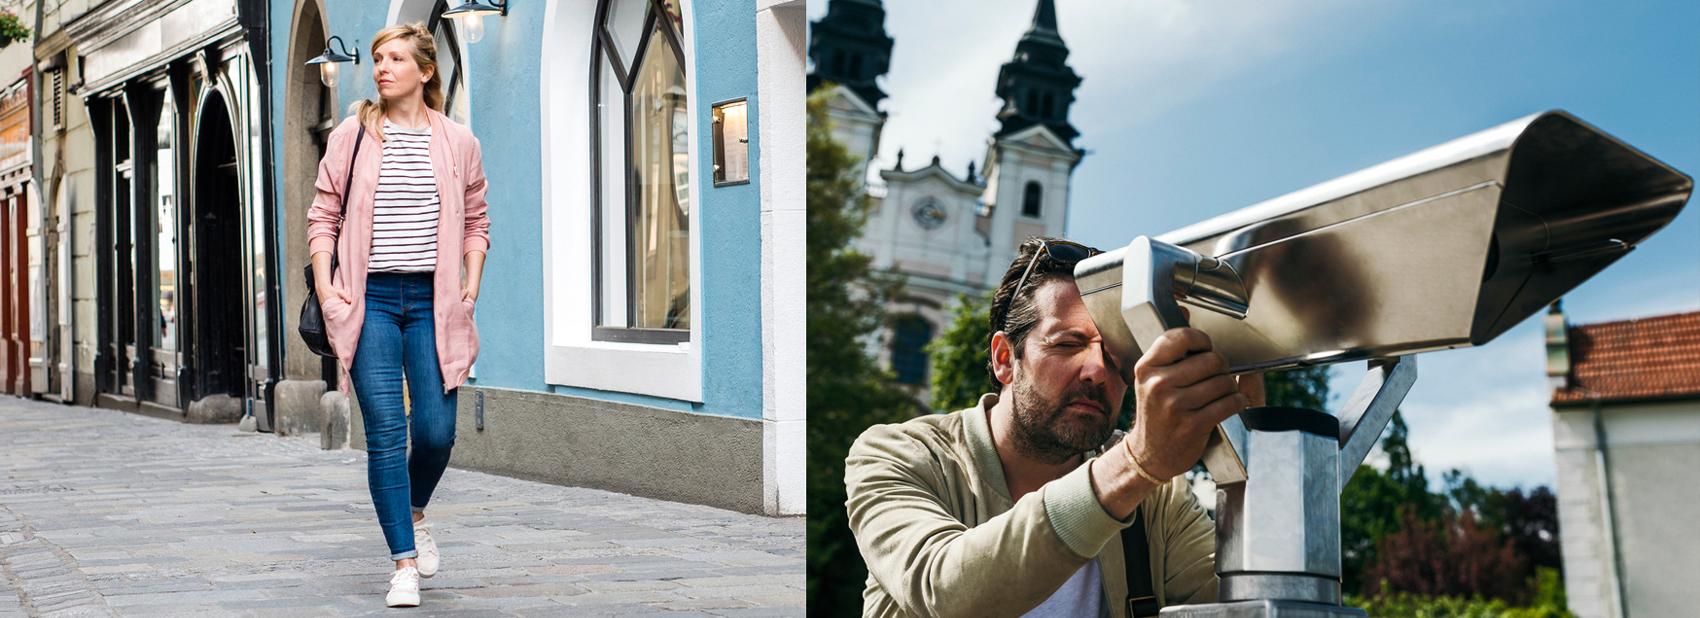 Linz / © Linz Tourismus Susanne Einzenberger, Marko Mestrovic